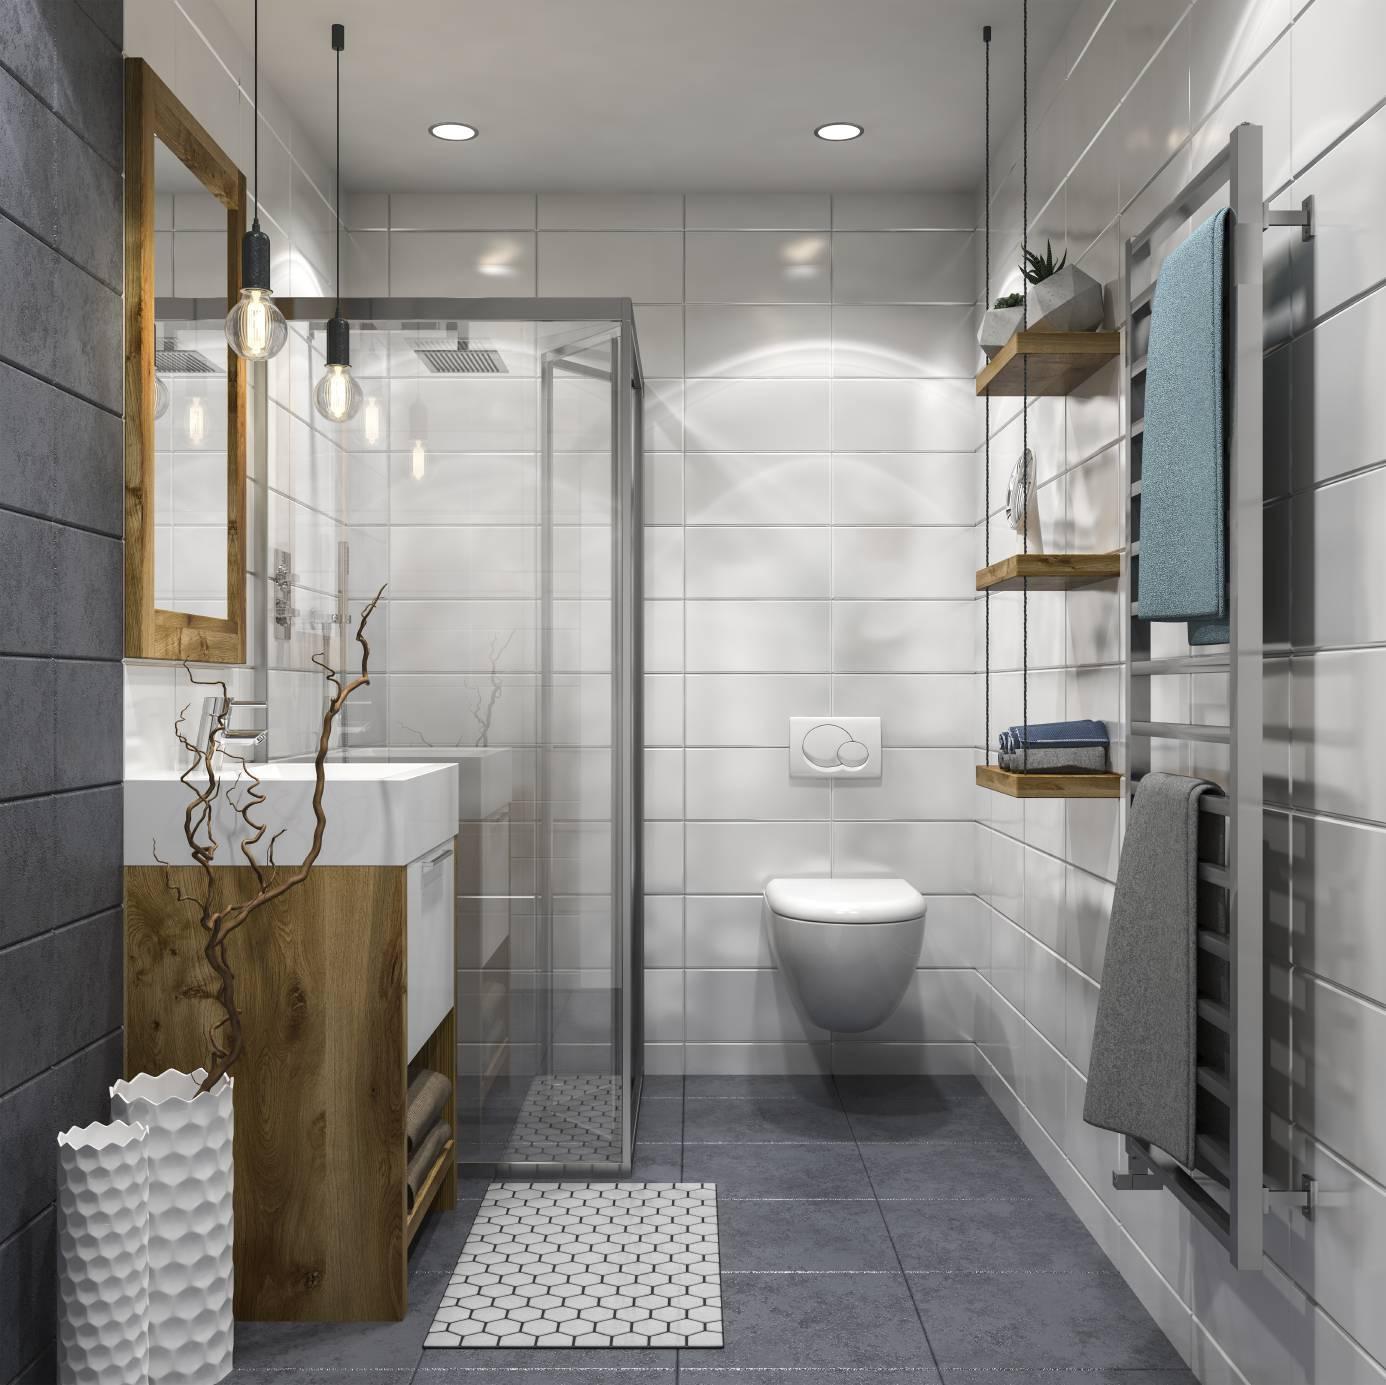 Plafonnier salle de bain lumiere du jour for Luminaires salle de bain